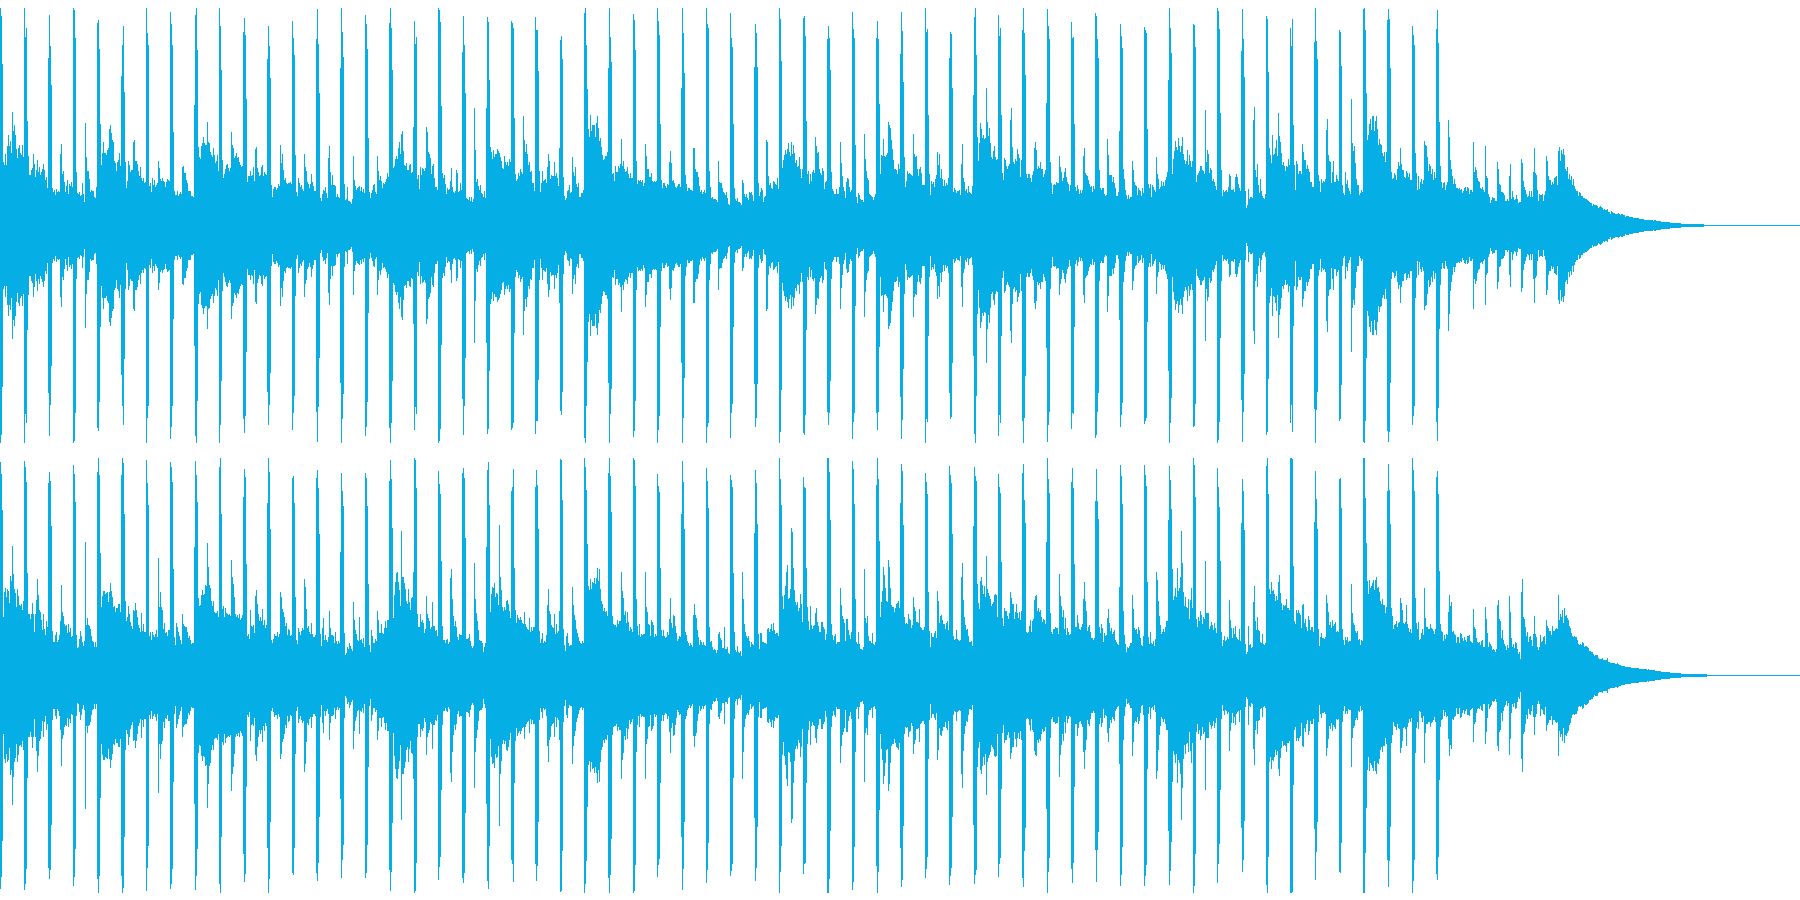 動機付けインタビュー(40秒)の再生済みの波形